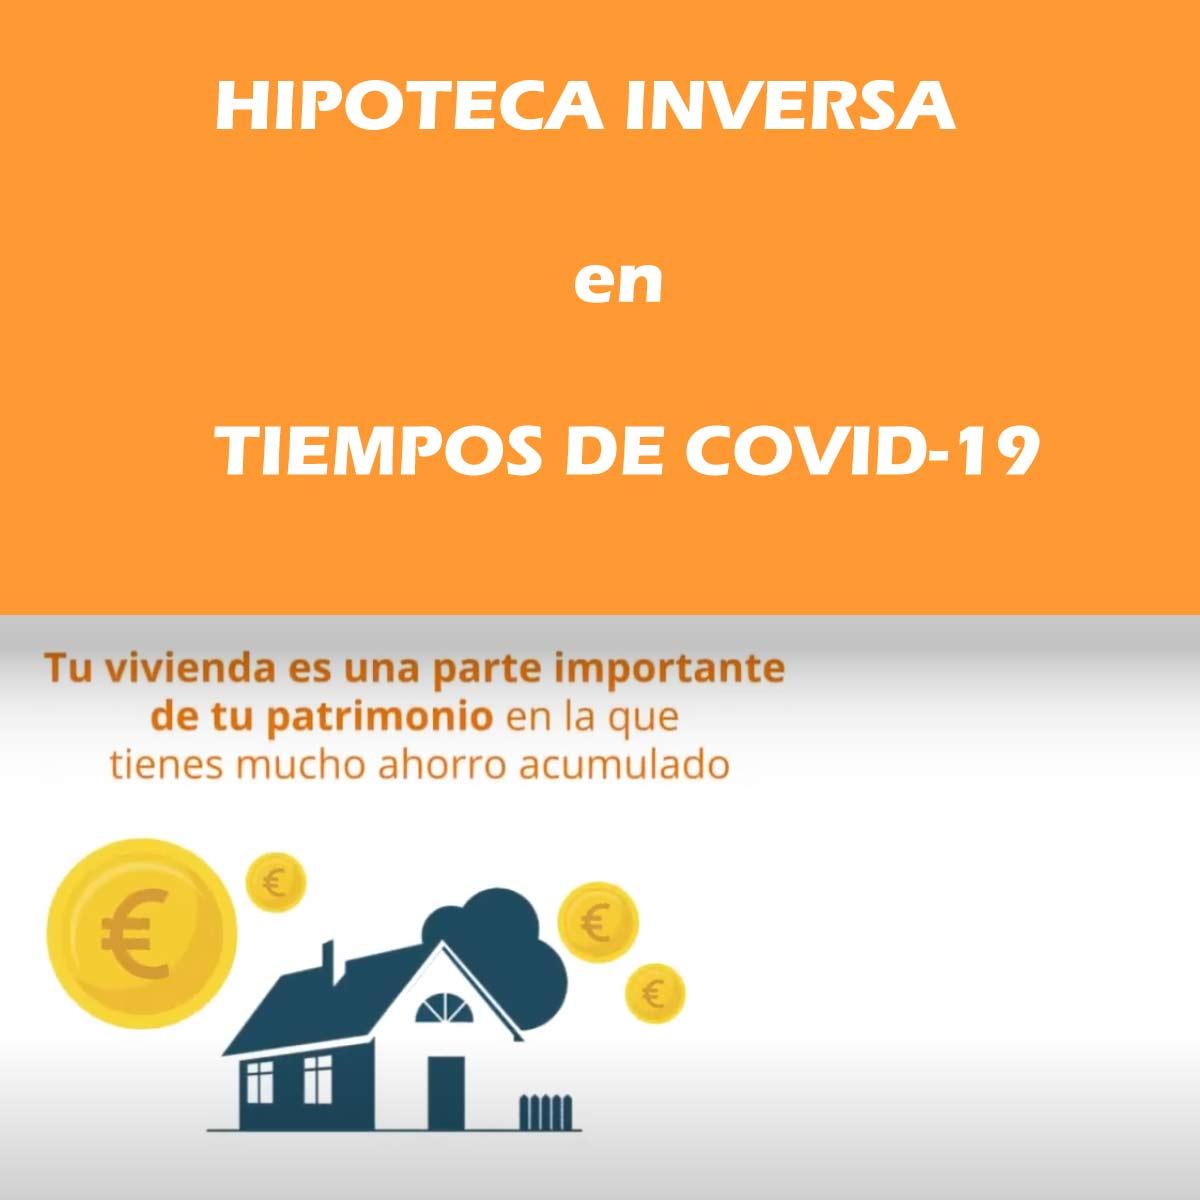 Hipoteca inversa tiempos de covid